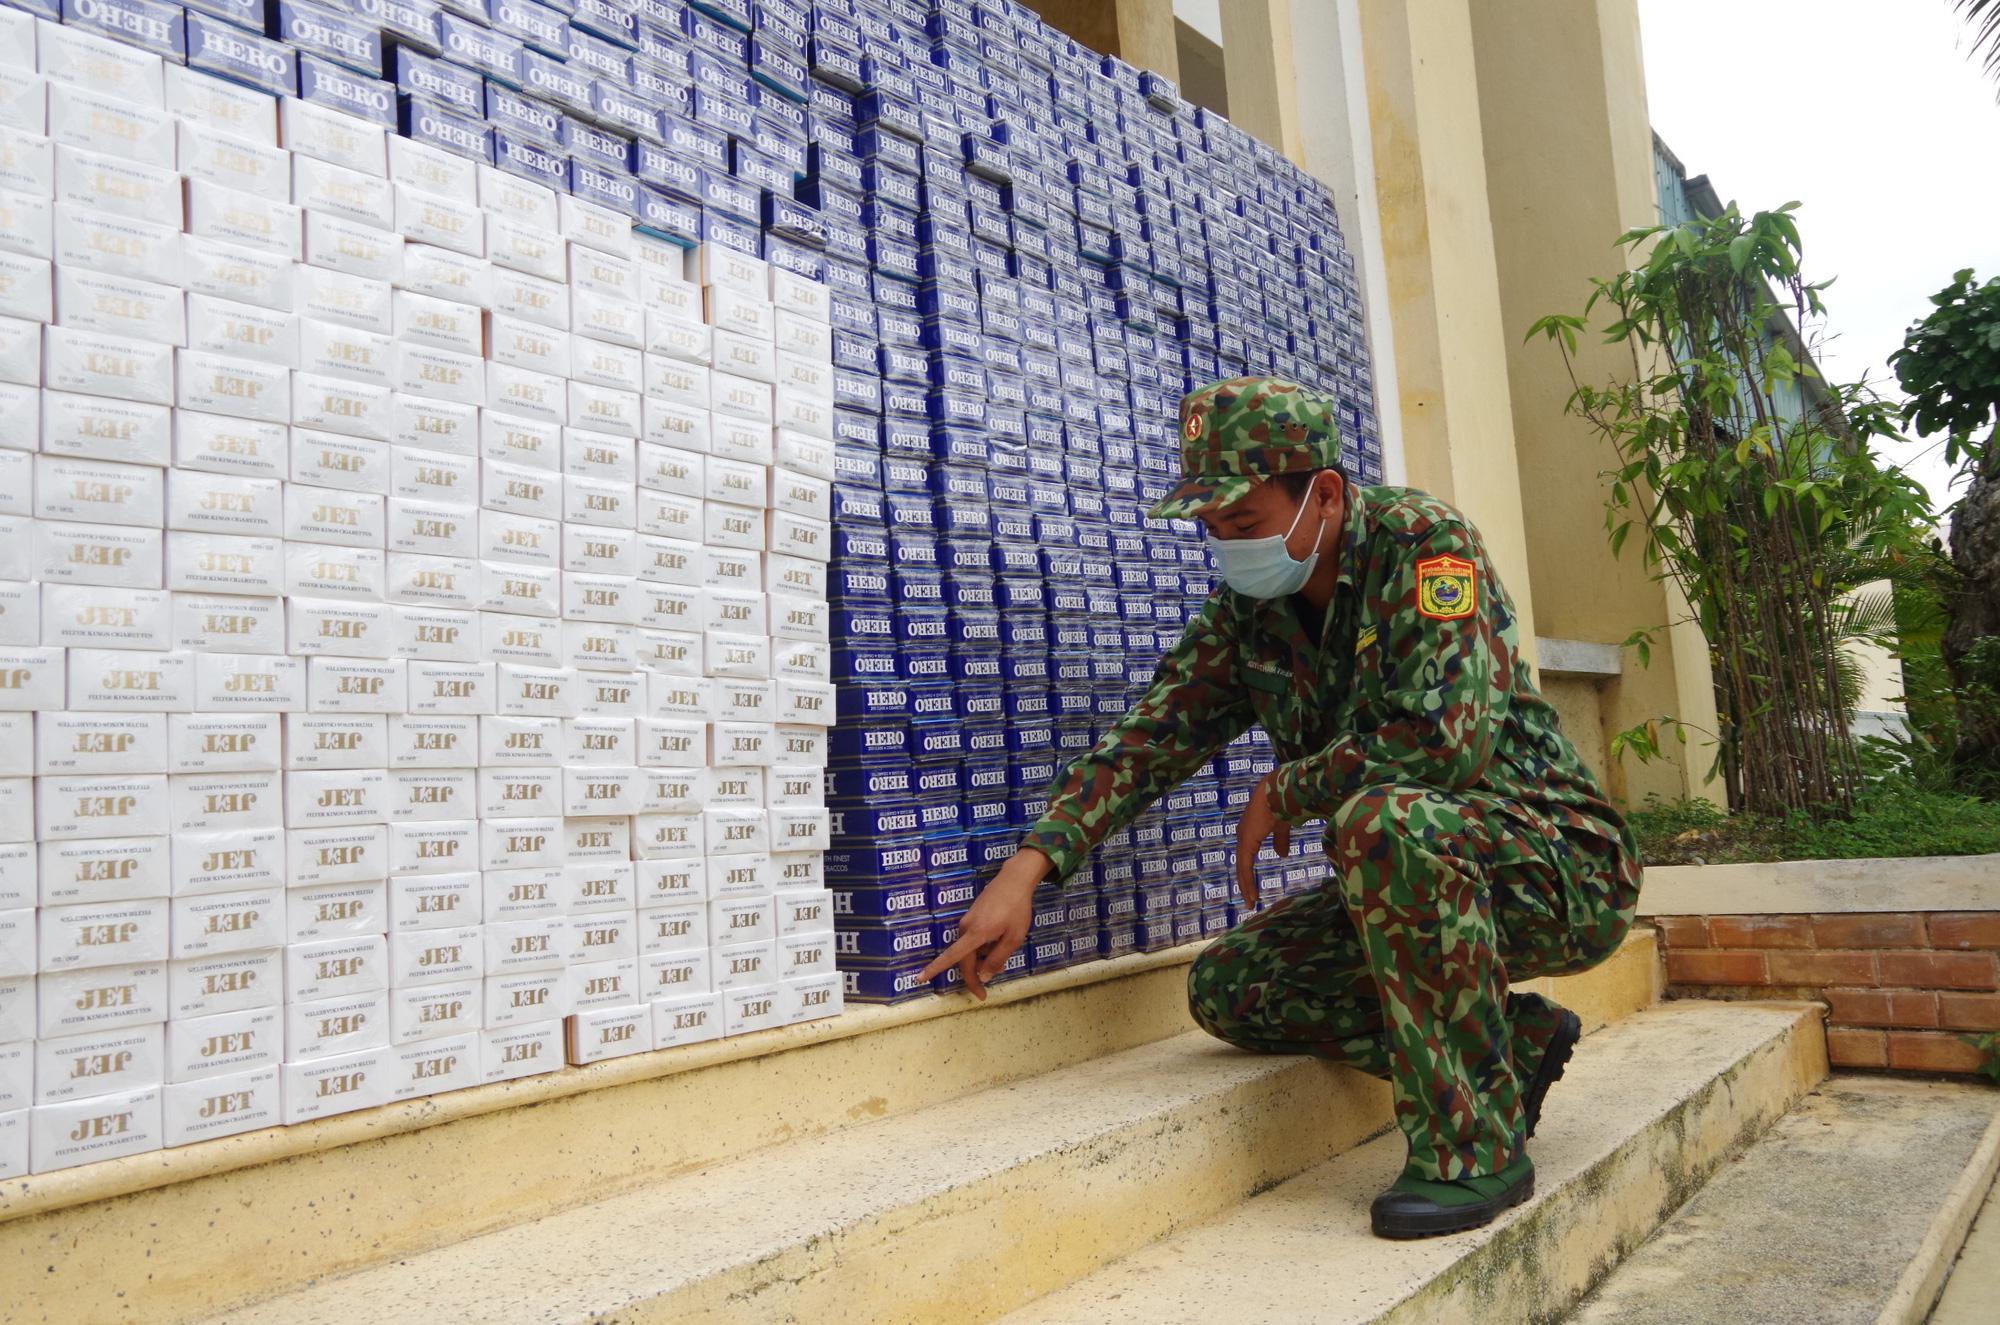 Kiên Giang: Bộ đội biên phòng bắt giữ gần 12.000 gói thuốc lá nhập lậu - Ảnh 1.